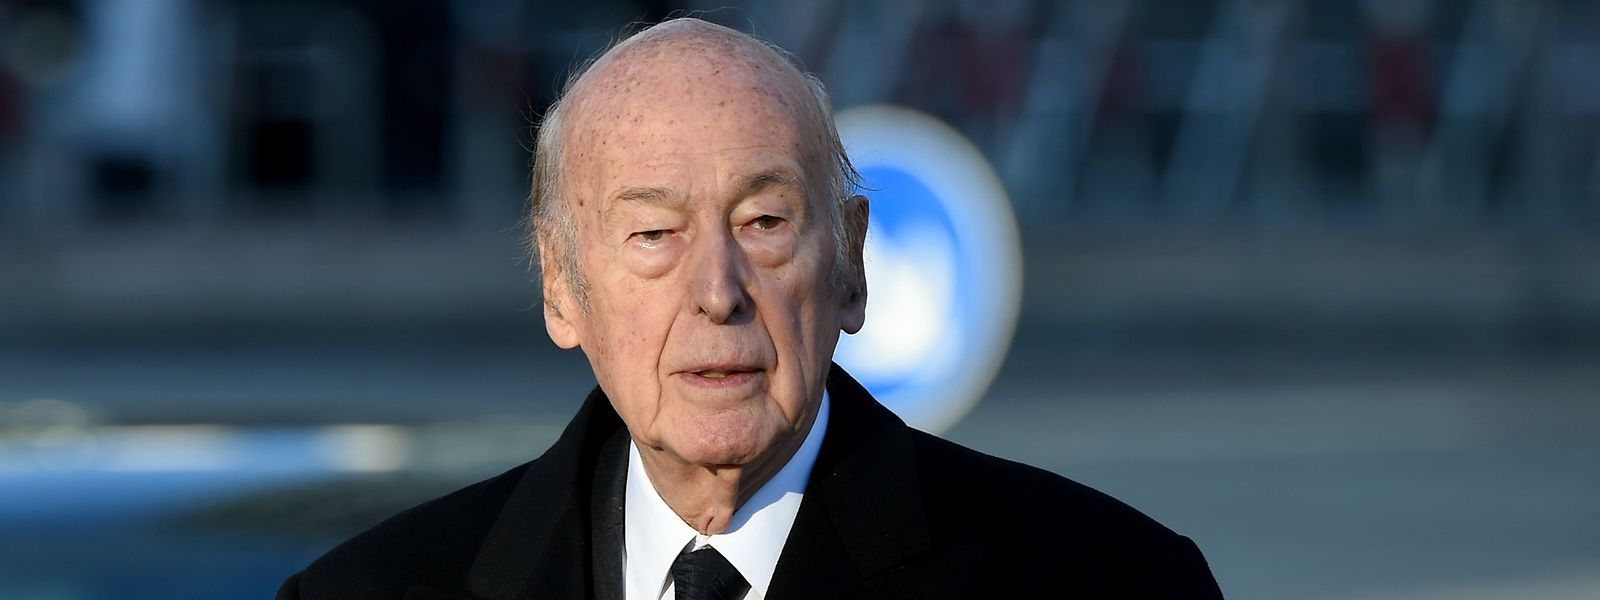 Valéry Giscard d'Estaing, ehemaliger französischer Staatspräsident, soll eine Journalistin unsittlich angefasst haben. Der 94-Jährige weiß nichts davon.